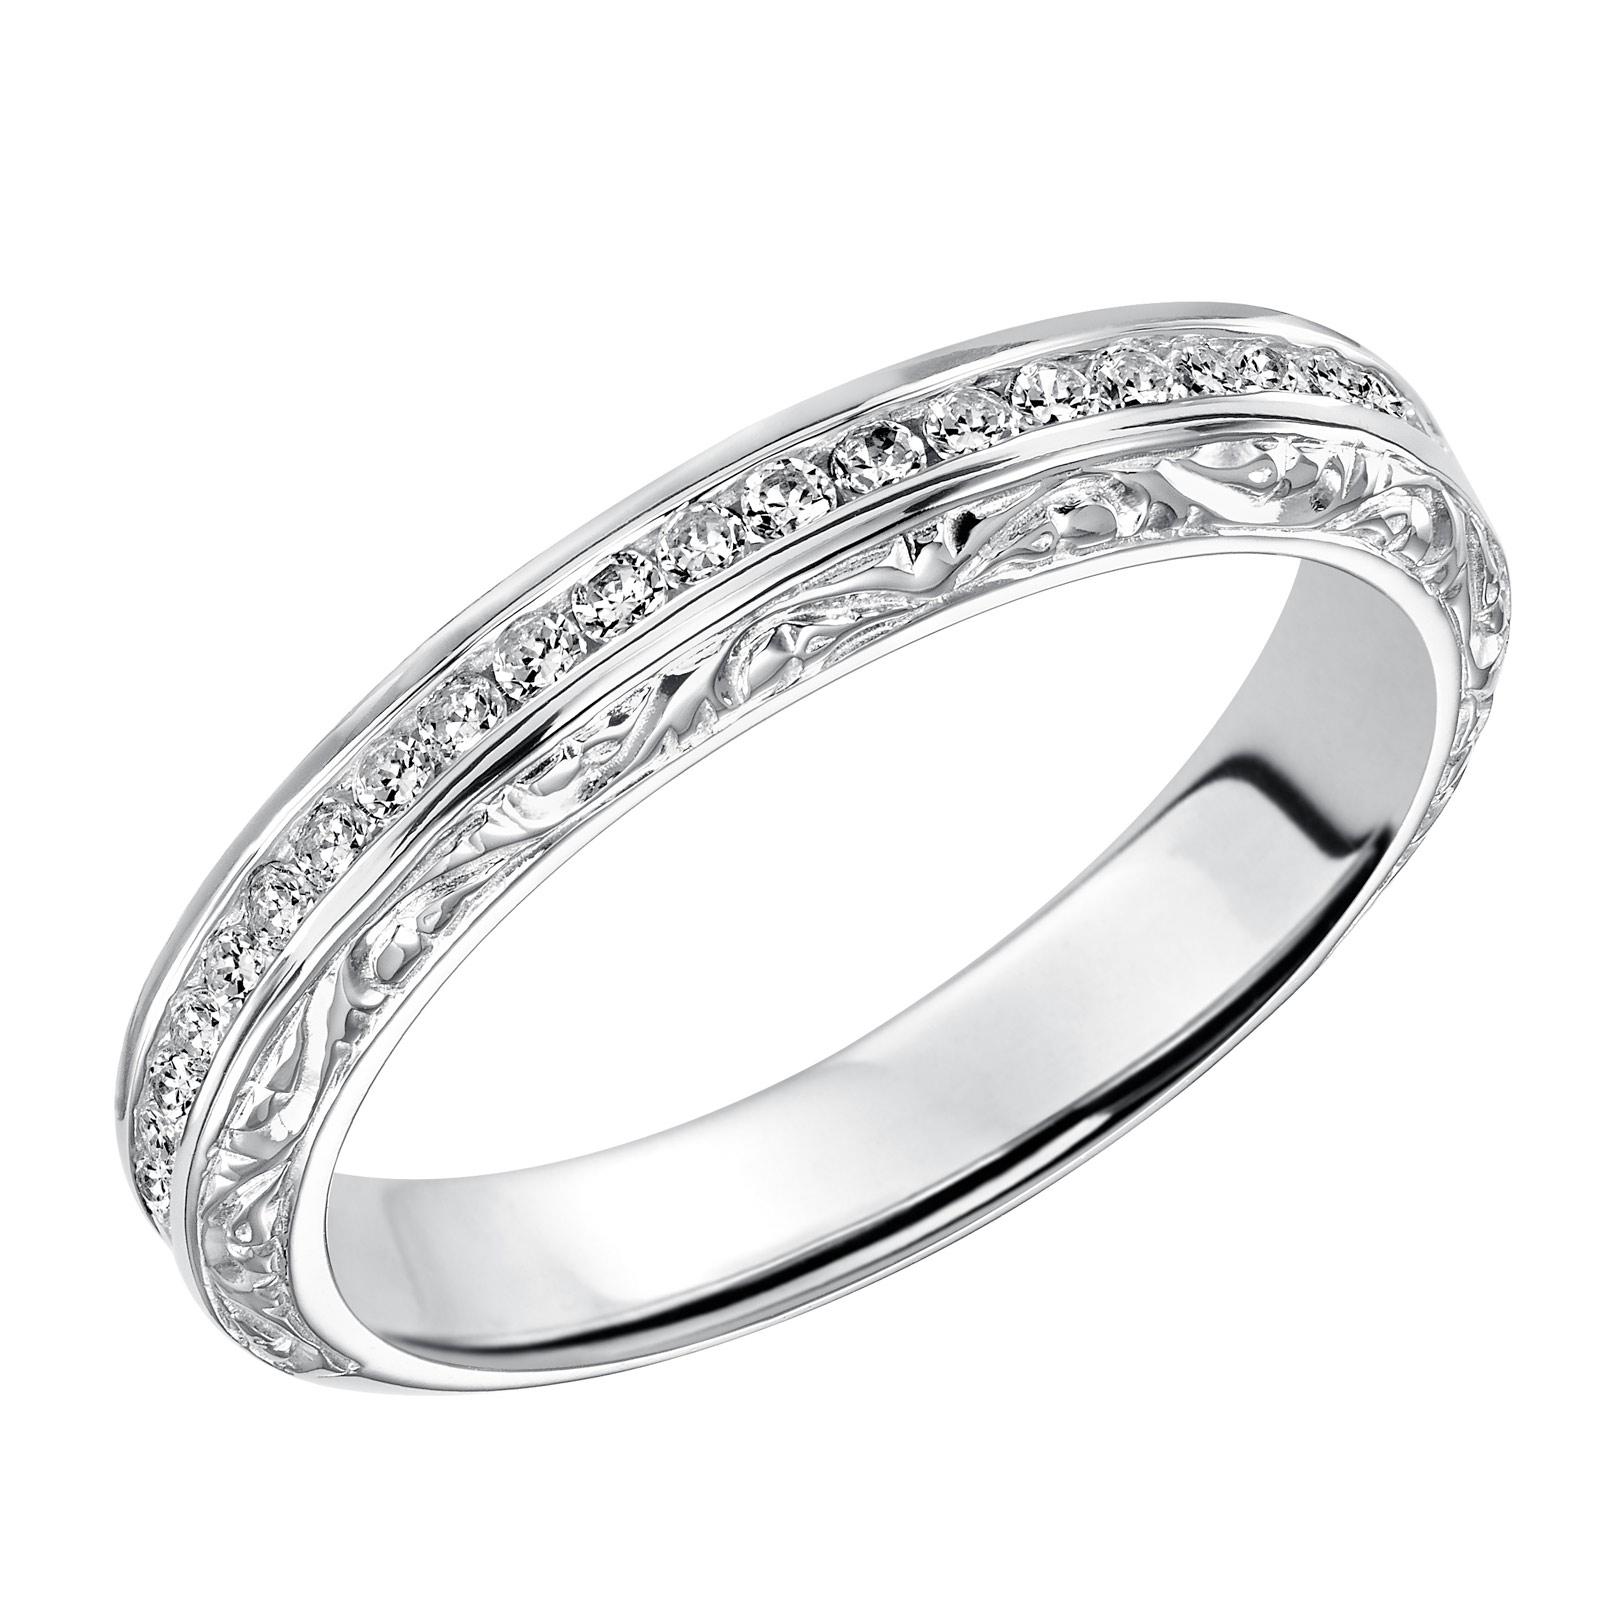 Goldman ring 33 9117w l00 long island ny goldman for Long island wedding bands